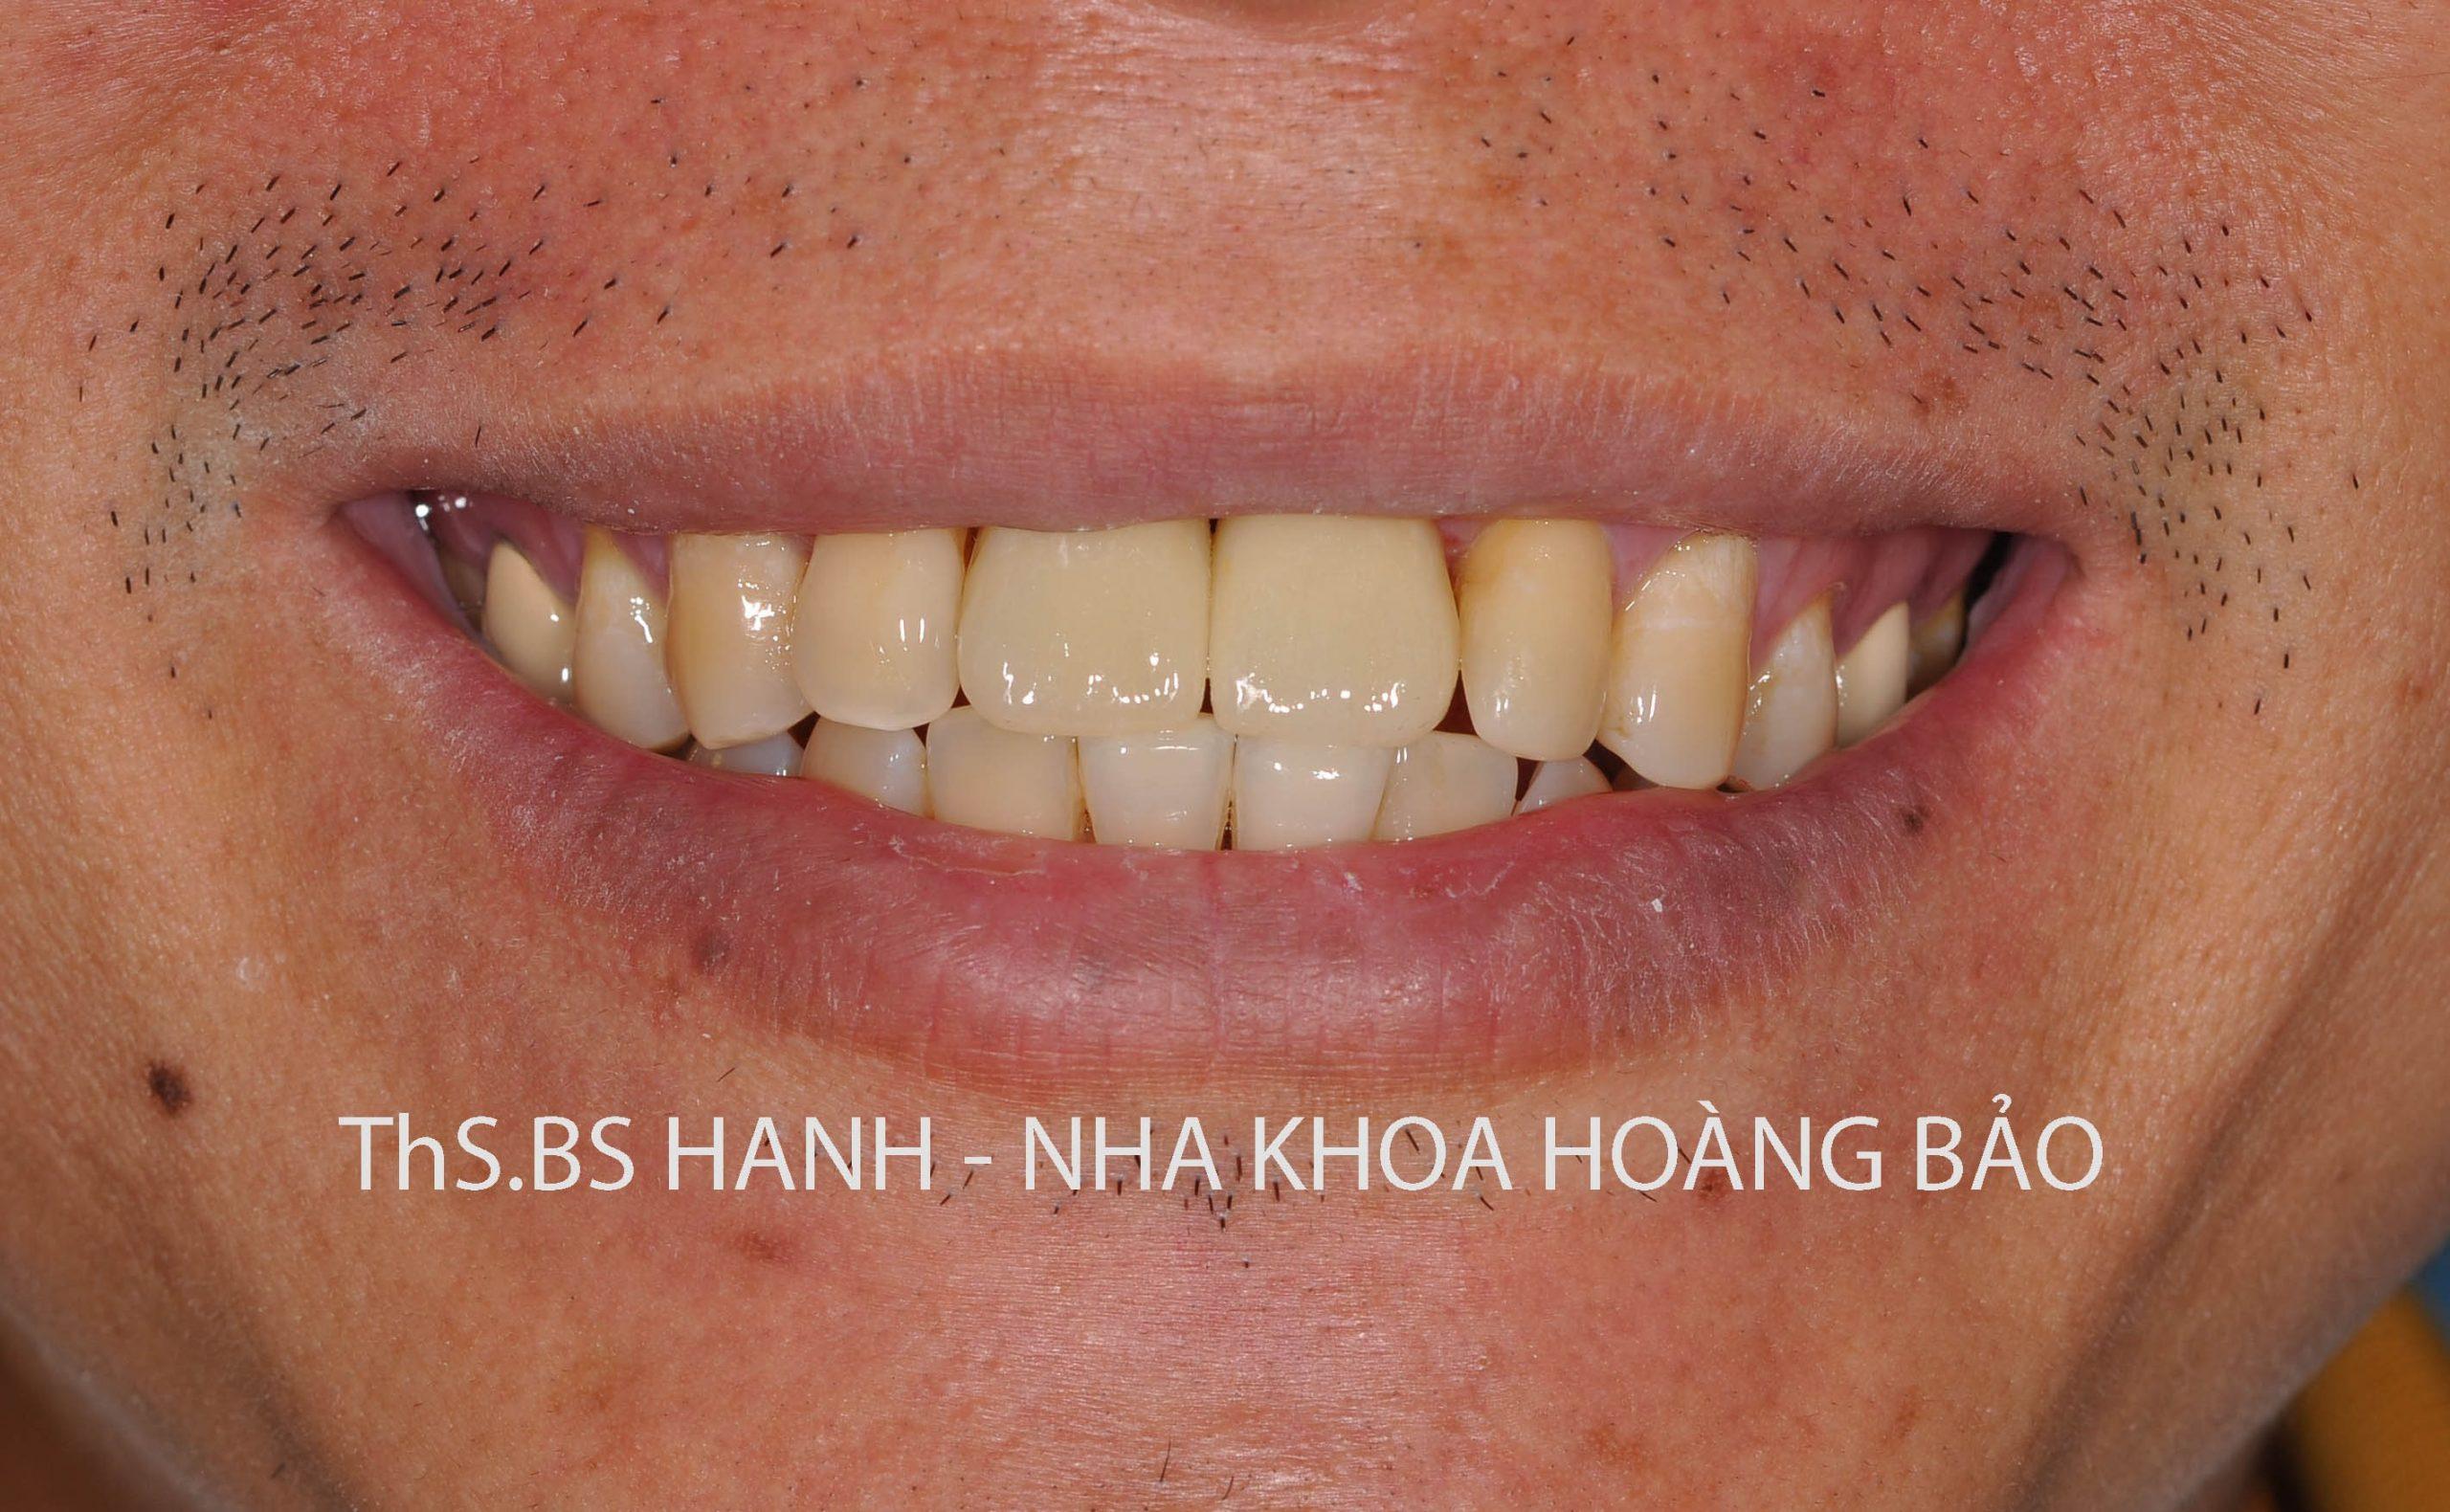 Implant -hc 01